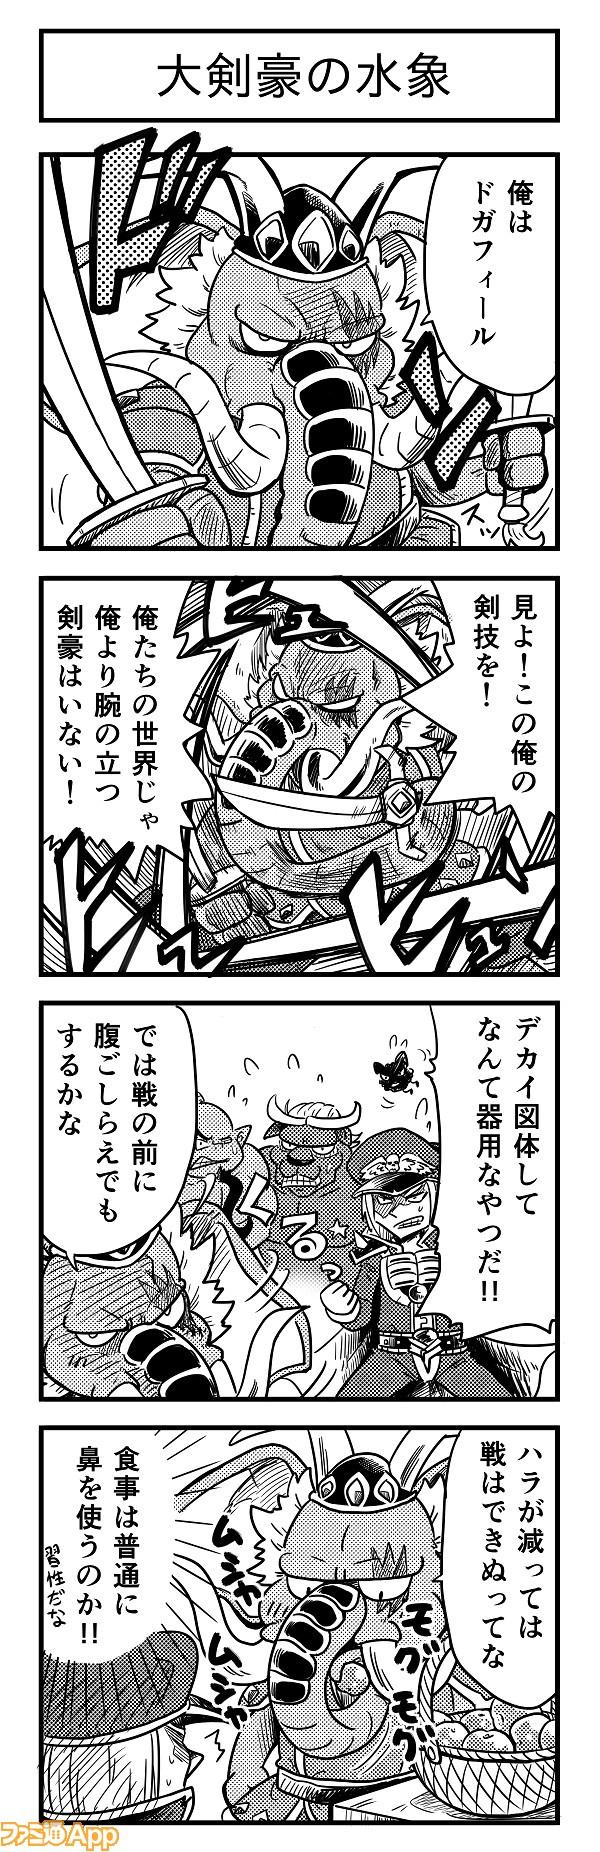 剣 の 大 剣豪